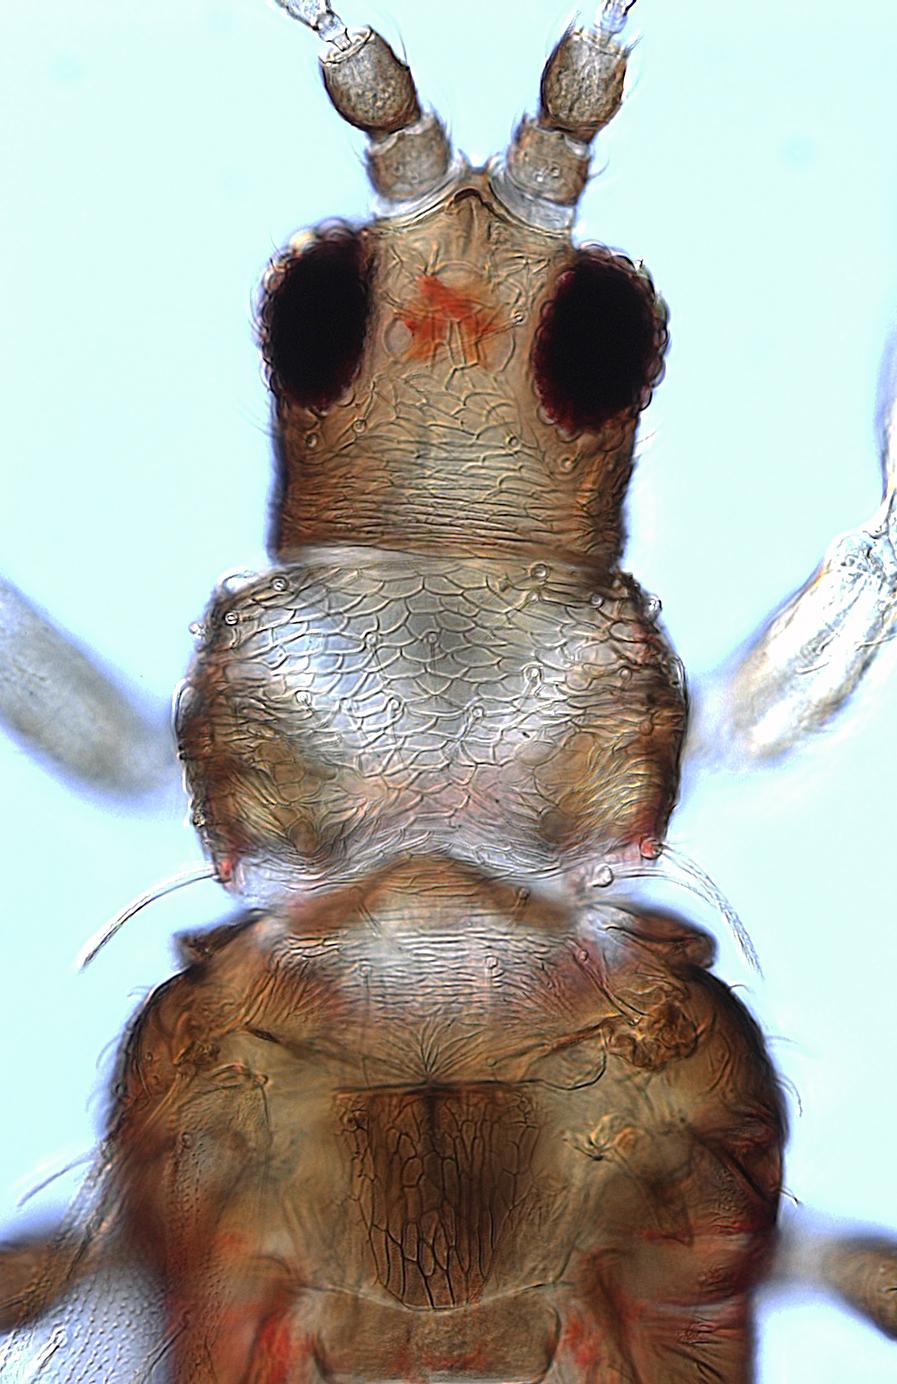 Echinothrips pinnatus